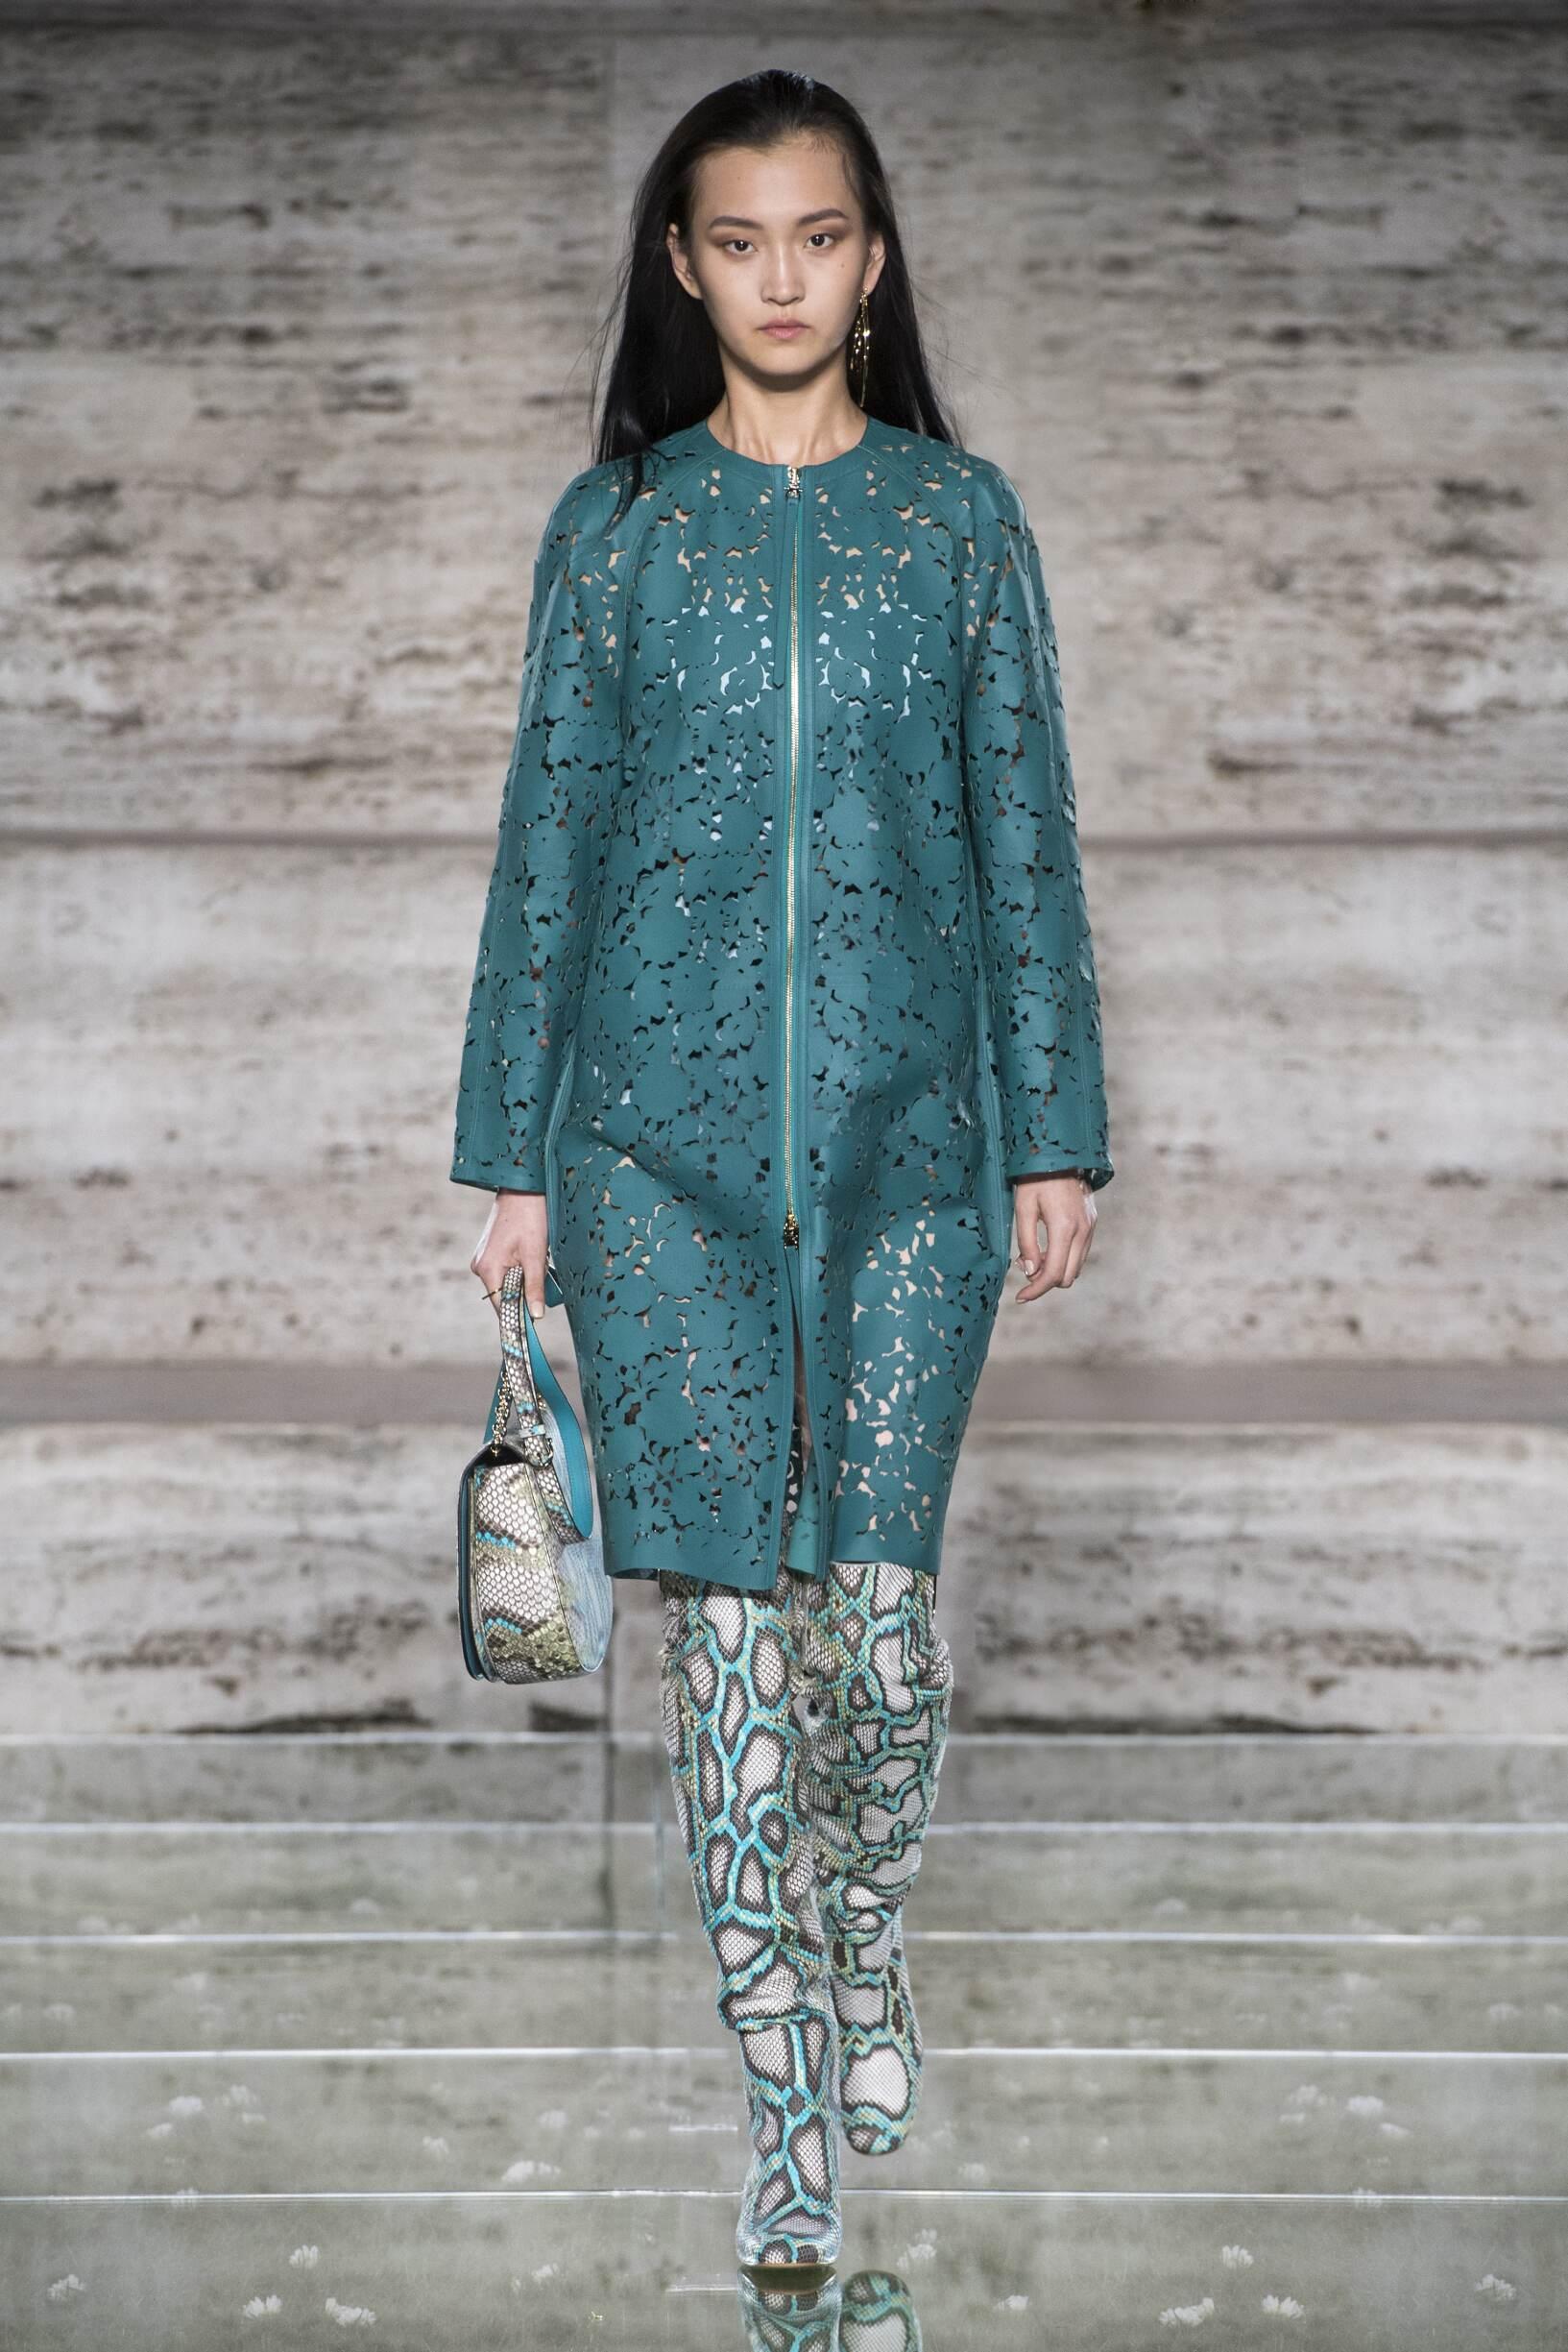 Salvatore Ferragamo Women's Collection 2018